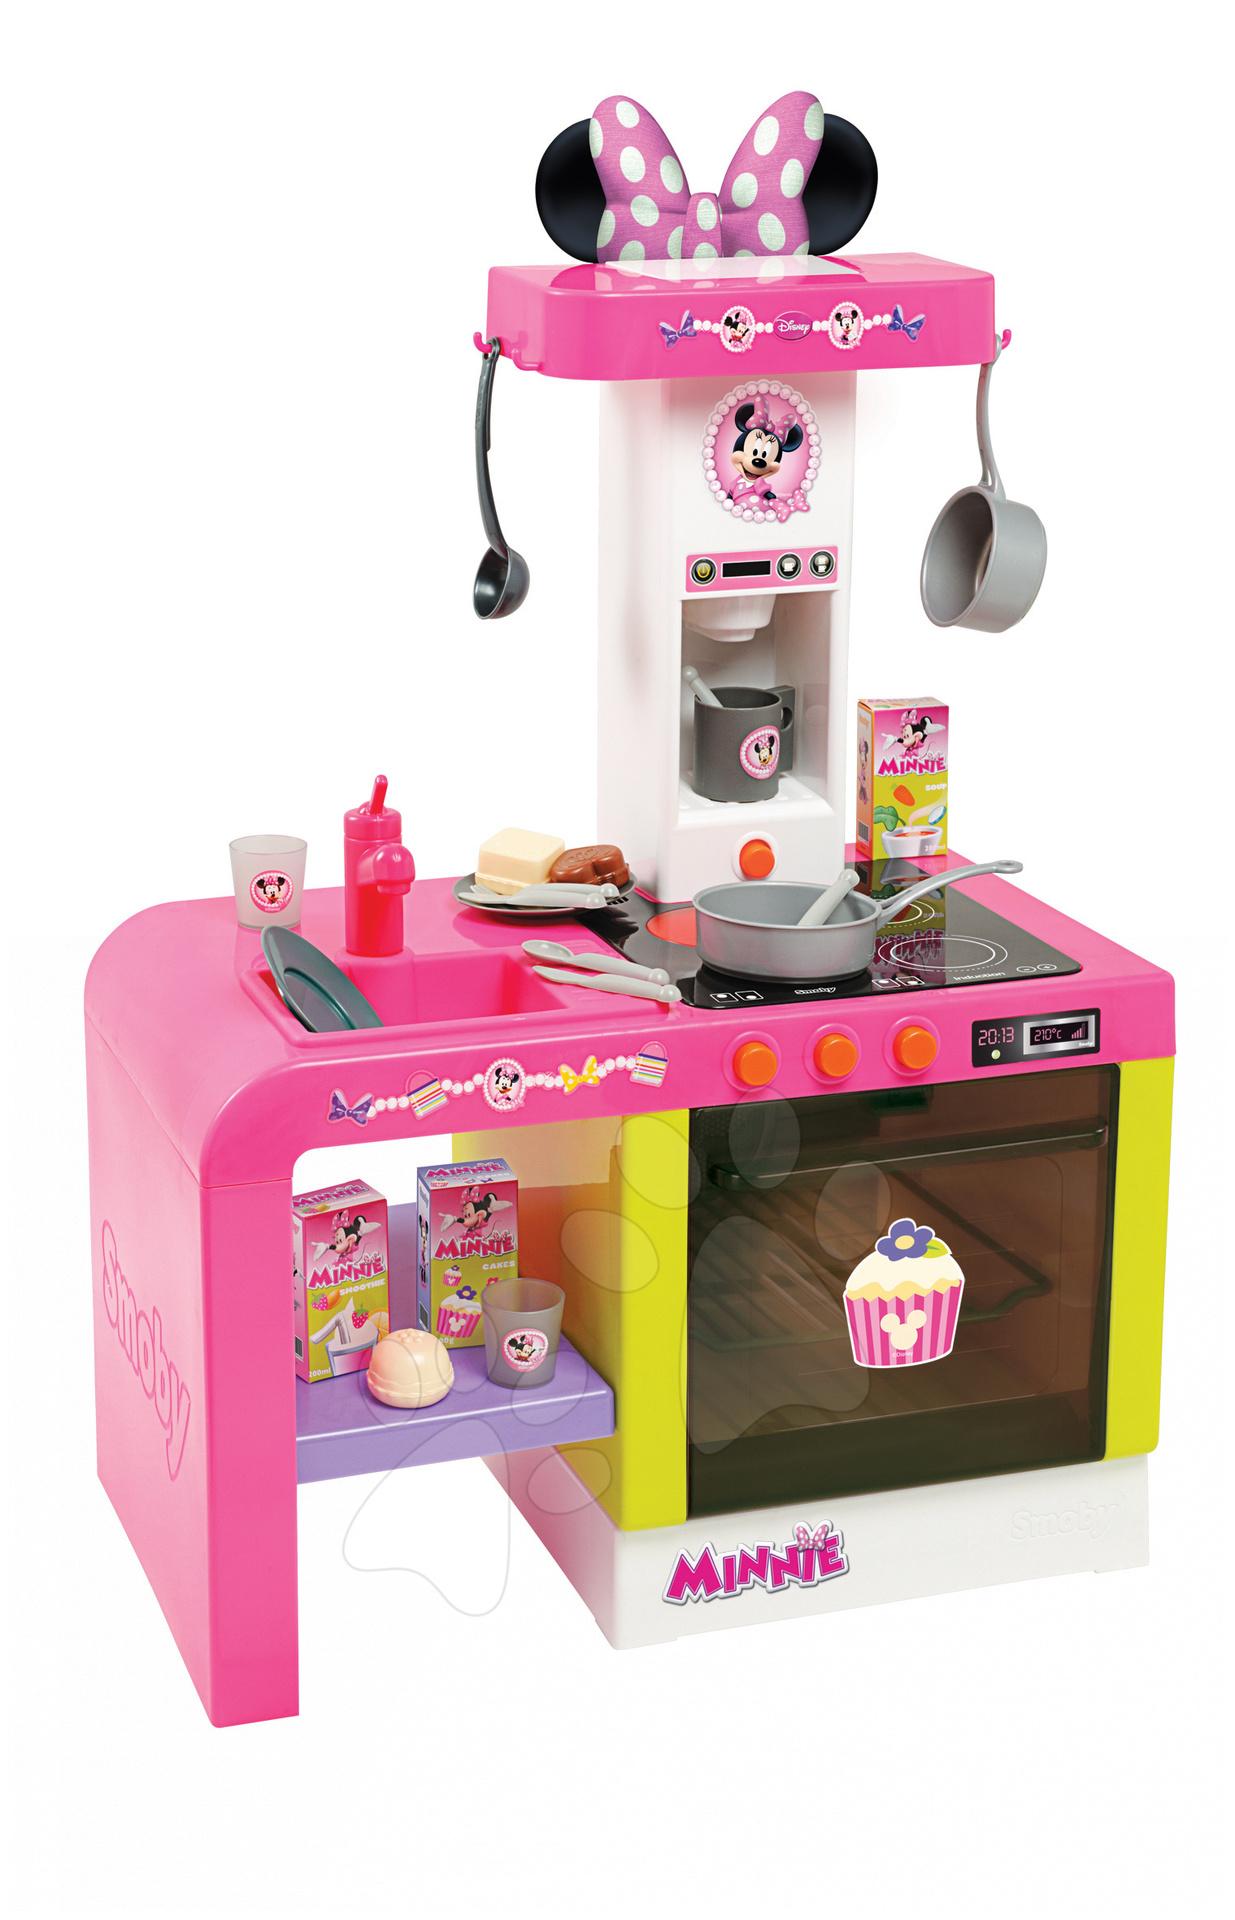 Staré položky - Minnie kuchynka Cheftronic Smoby so svetlom a zvukom s výškou pracovnej dosky 31 cm a s 20 doplnkami